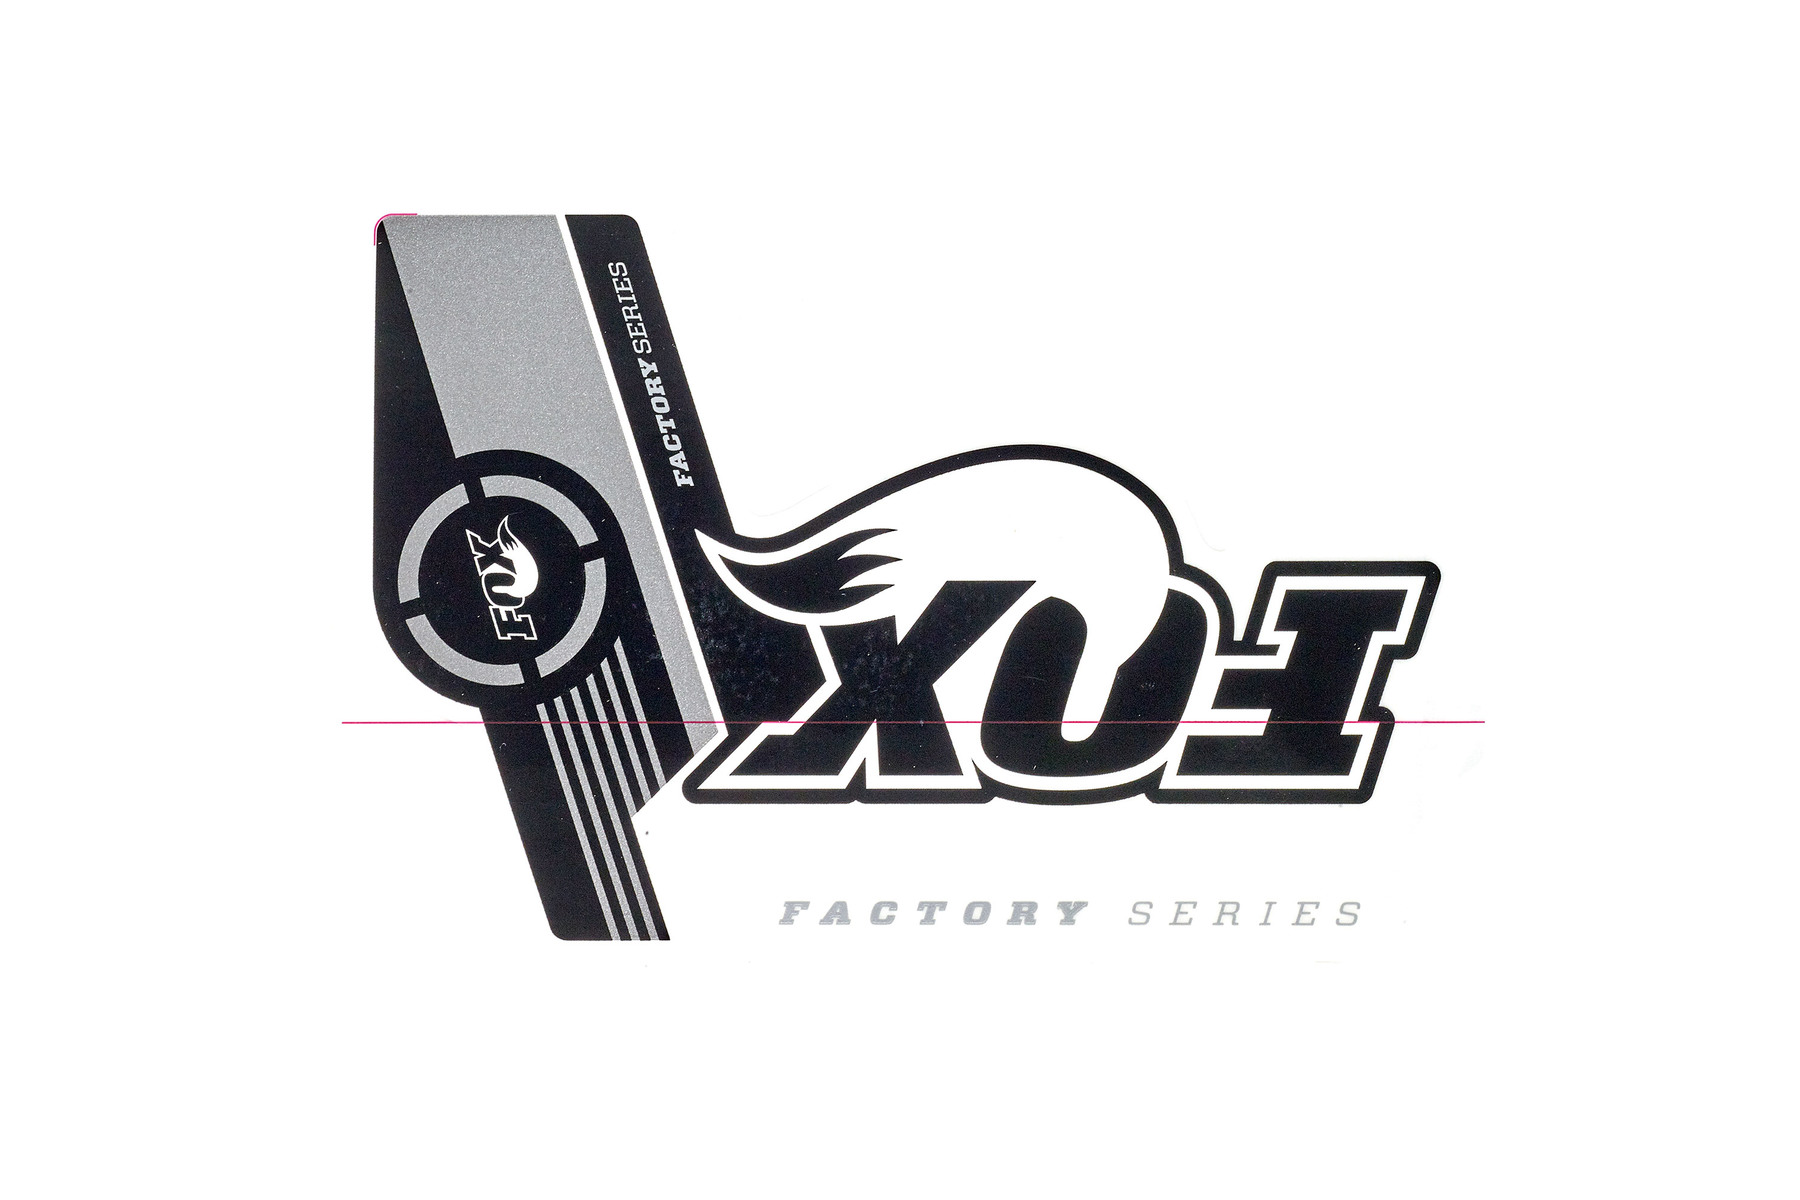 Fox FOX Factory Series Aufkleber / Decals/ Sticker für 32er Gabeln